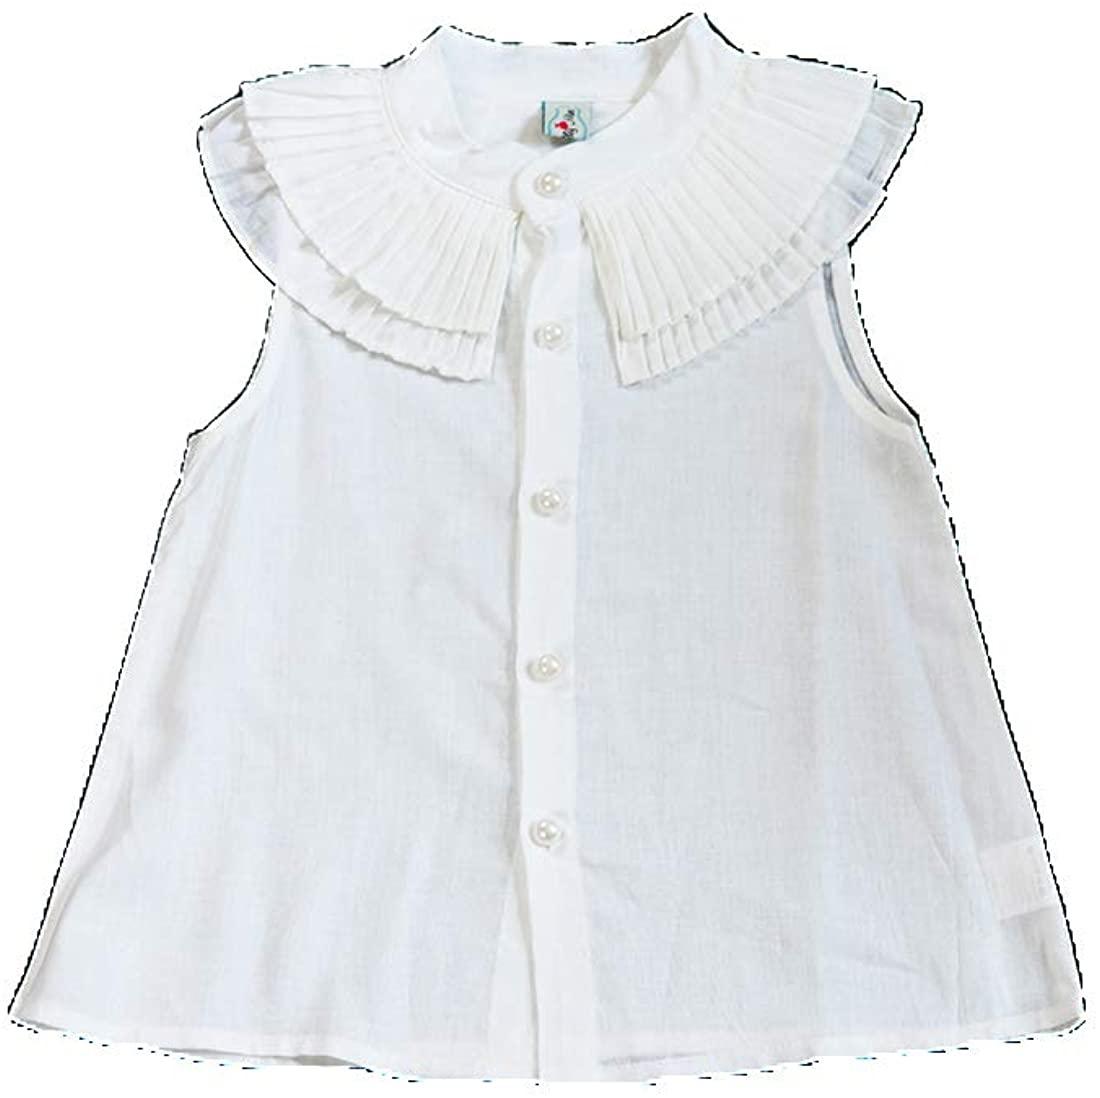 CHOCOKIDS White Sleeveless Girls Shirt with Front Devant Ruffles BSP0012